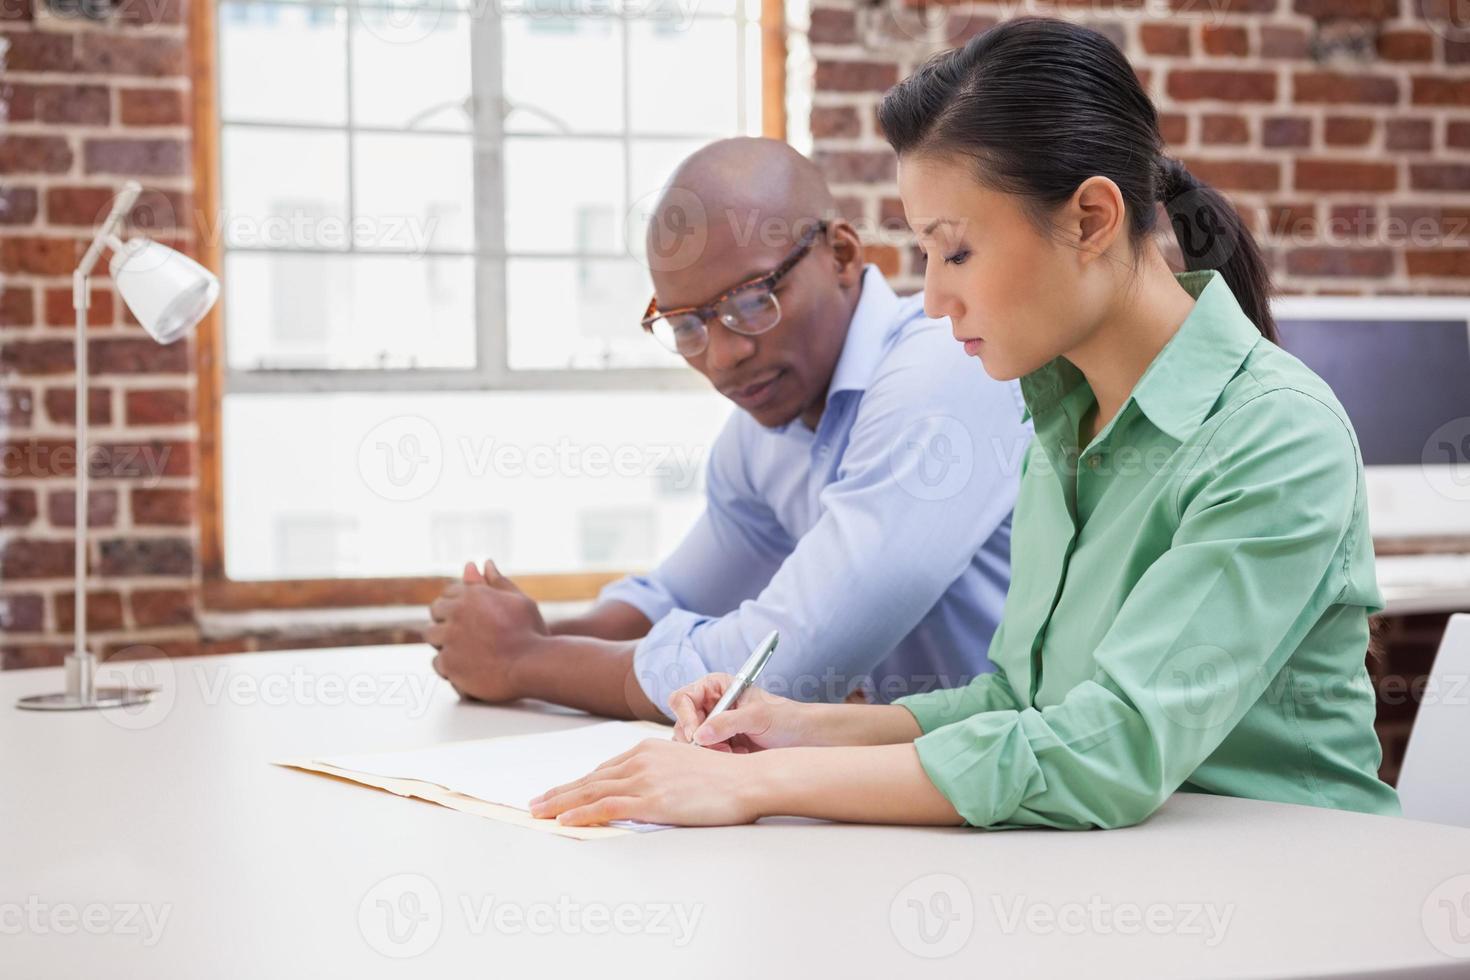 equipe de negócios casuais trabalhando juntos na mesa foto